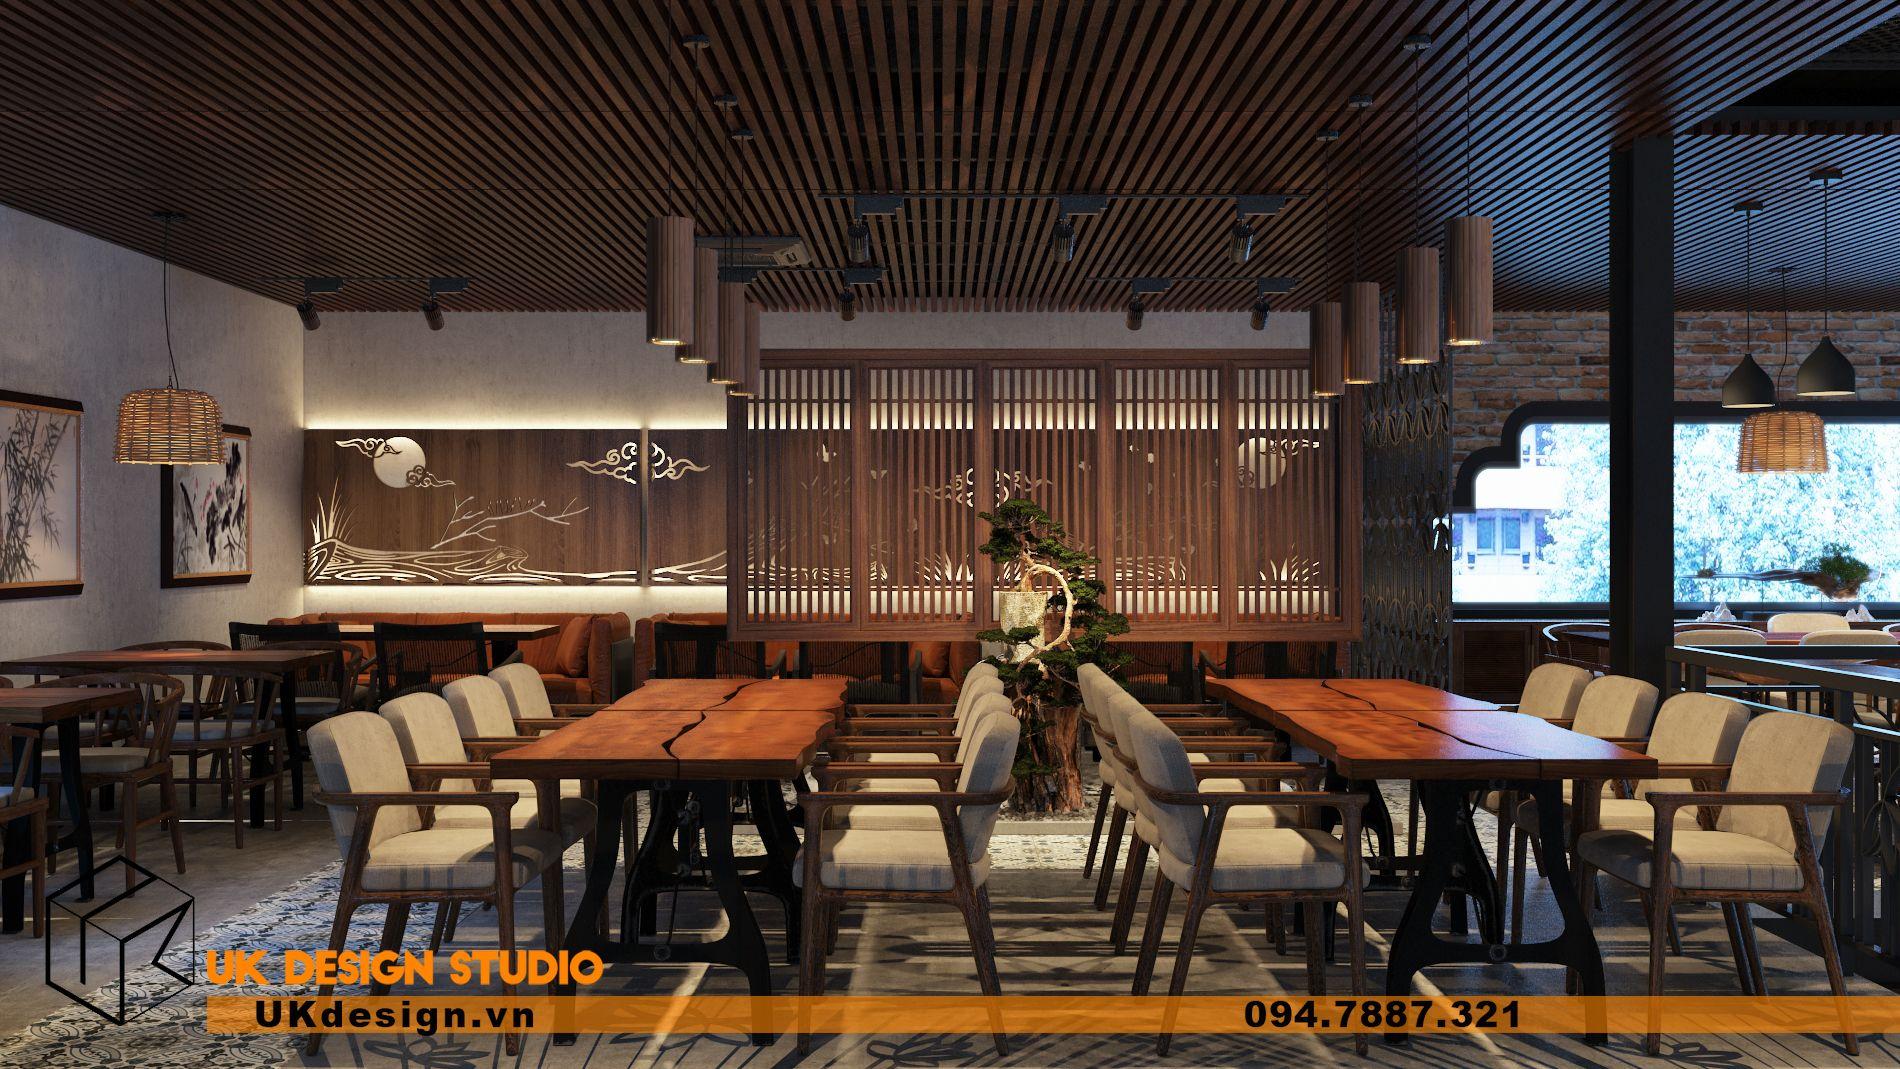 Thiết kế nhà hàng chay TÂM MỘC 17